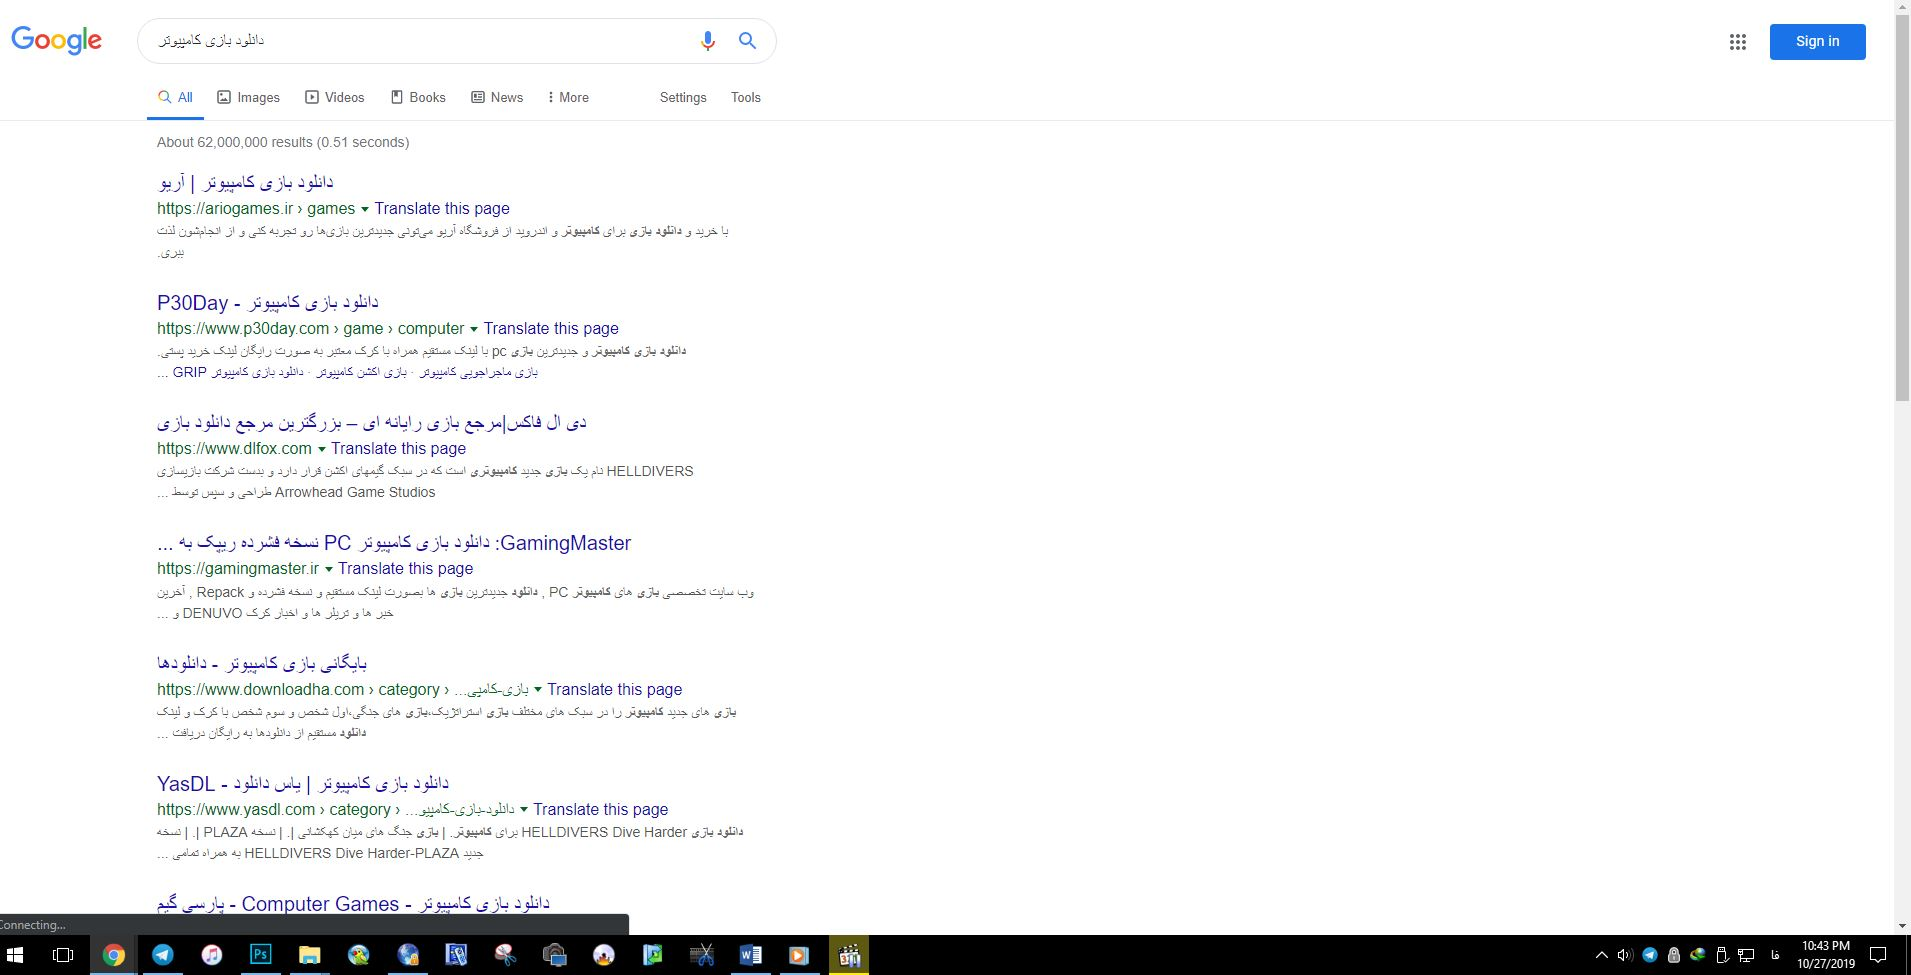 آریو چطور به رتبه 1 صفحه نتایج گوگل رسید؟